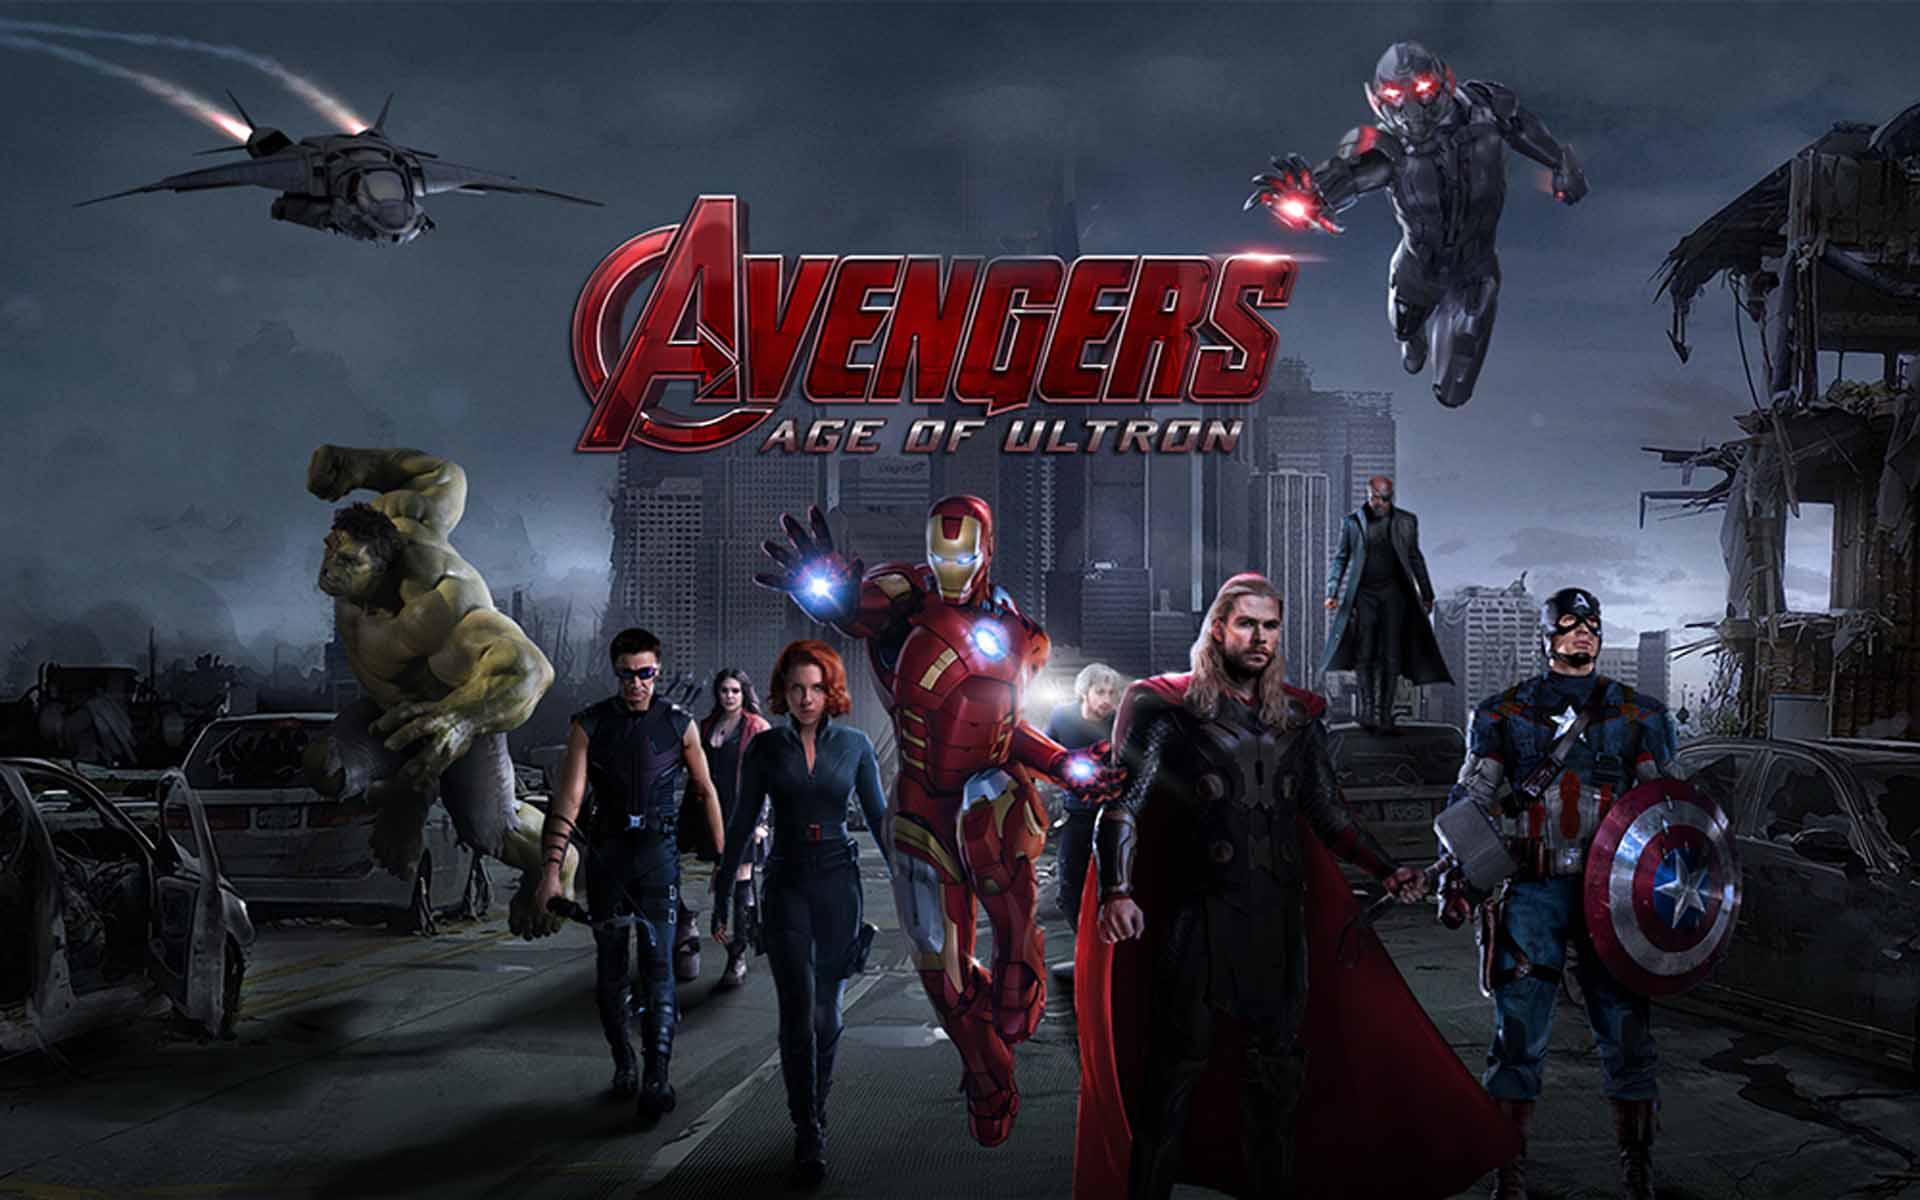 Good Wallpaper Marvel Avengers Age Ultron - avengers-age-of-ultron-wallpaper-3  Collection_477534.jpg